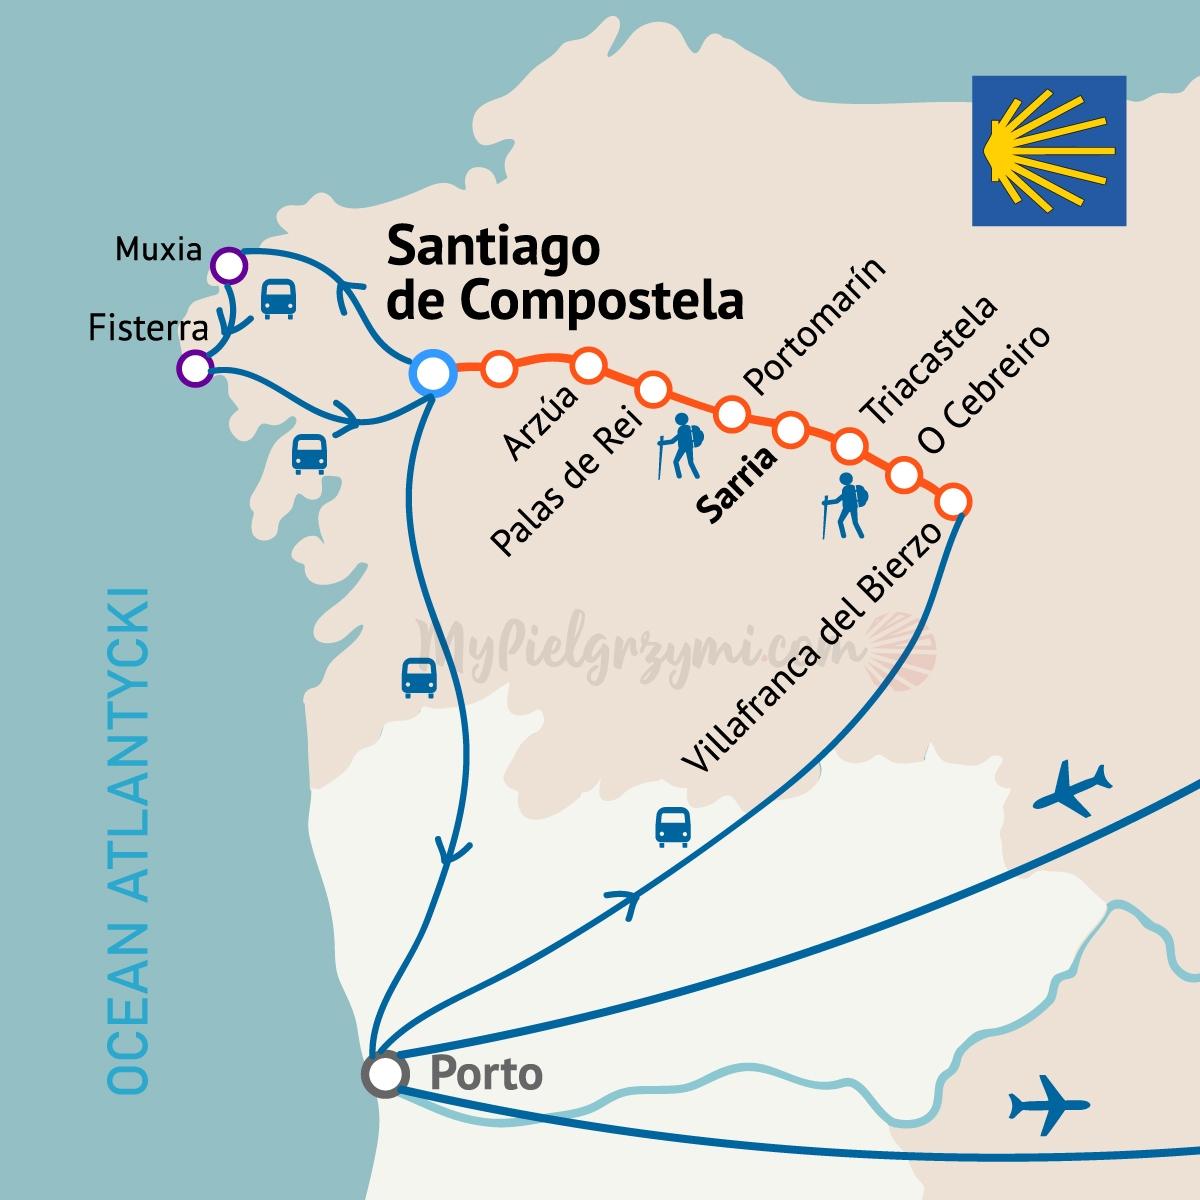 Camino szlakiem z Villafranca mapa